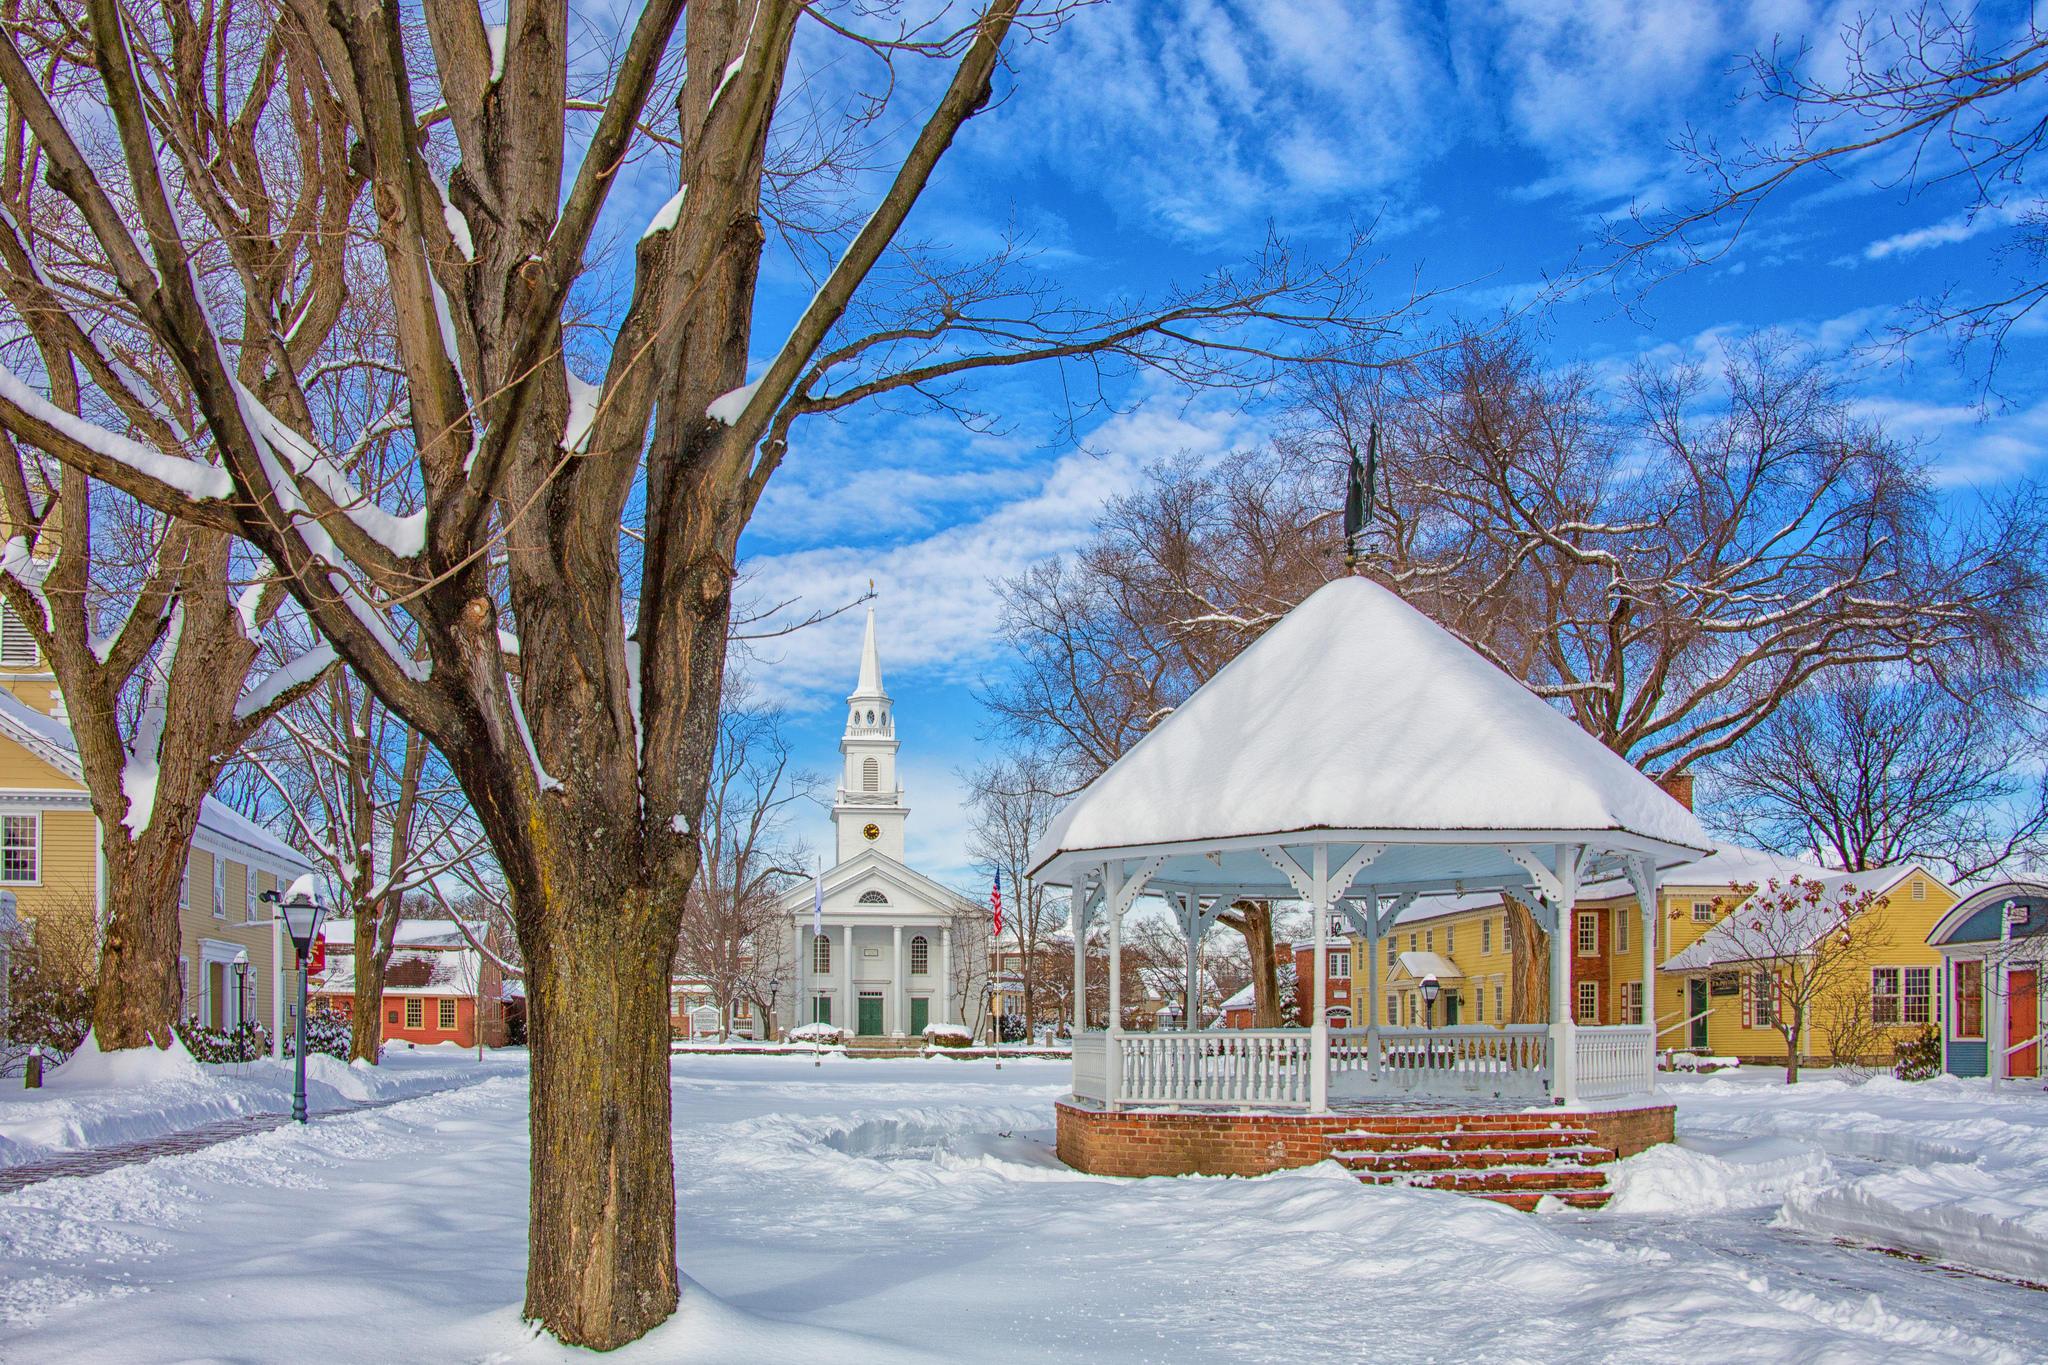 Обои Музей деревень Сторхортон - это подлинная, воссозданная деревня из девяти зданий 18-го и 19-го века из Массачусетса и Нью-Гэмпшира